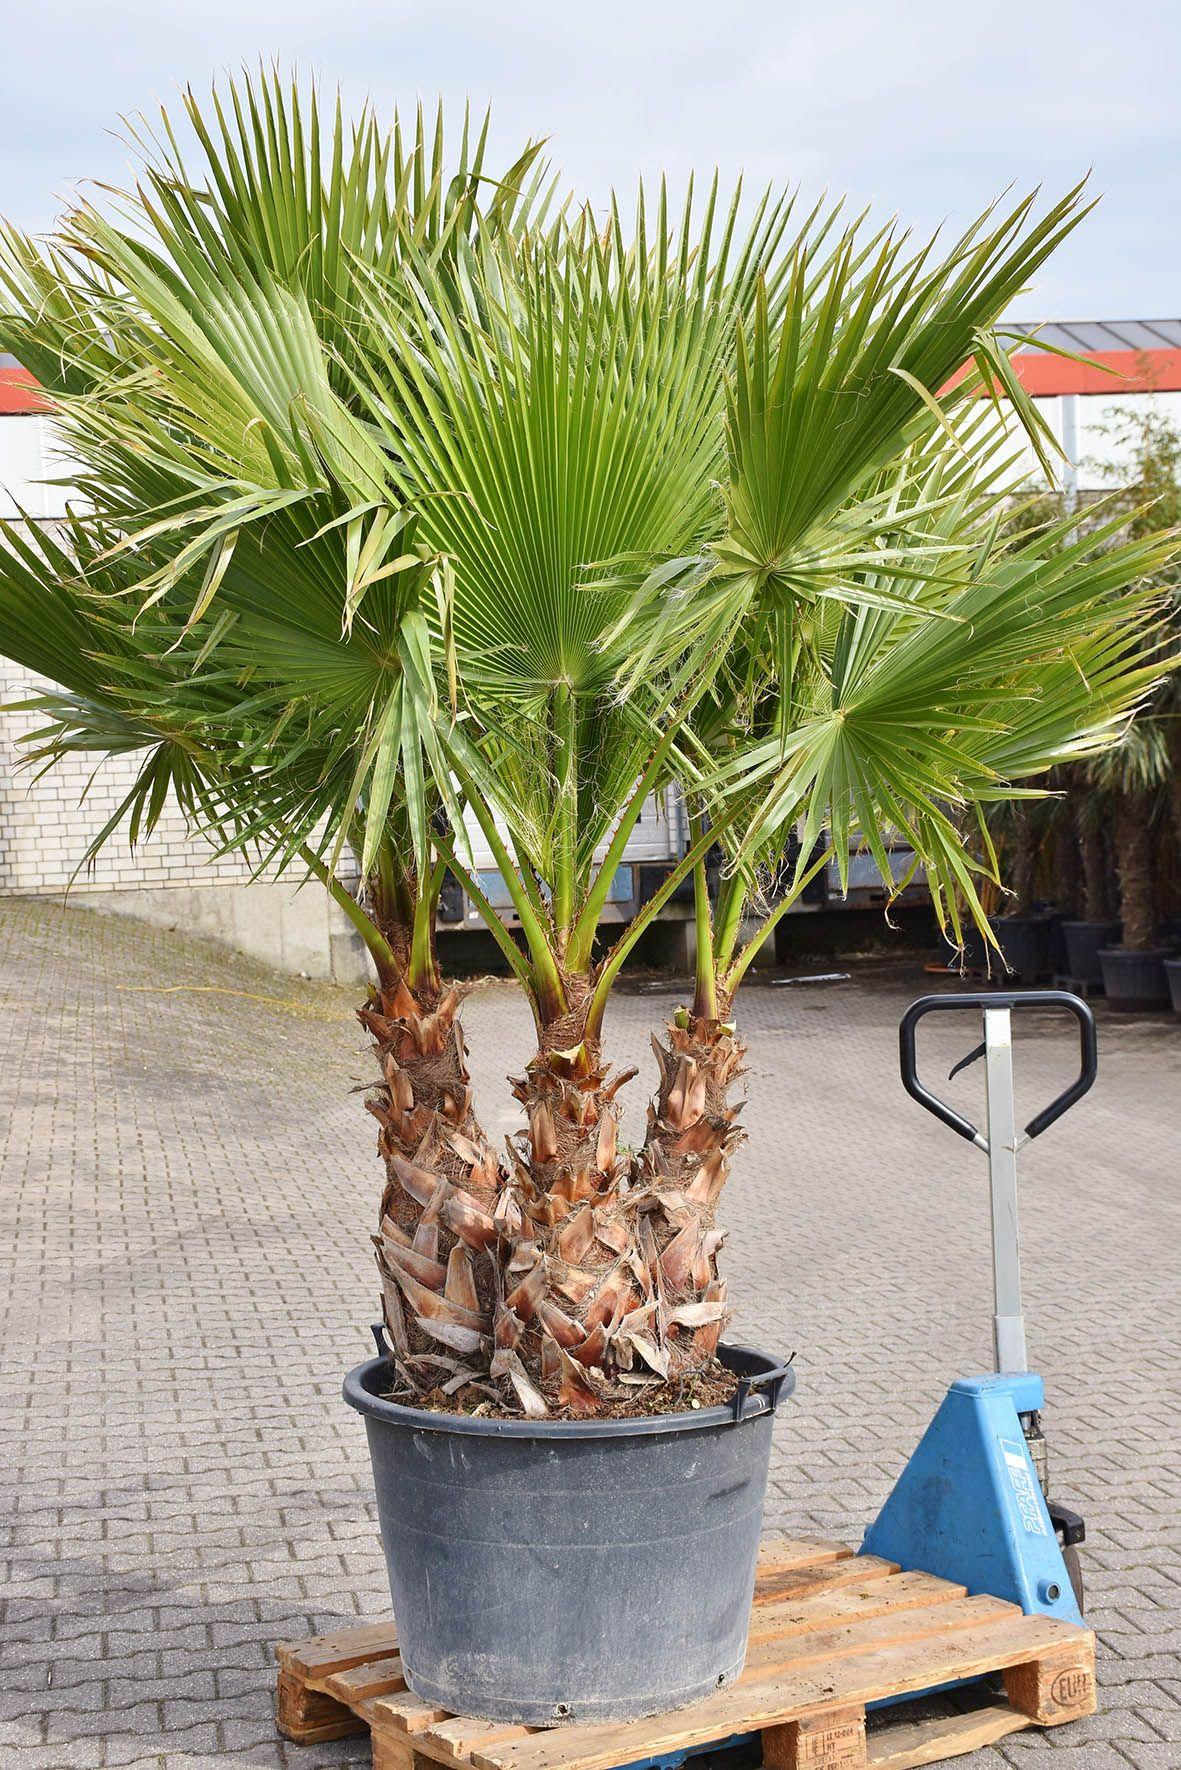 Petticoat Palme Mexikanische Washingtonpalme 3er Stamm Tropische Gartengestaltung Tropische Pflanzen Winterharte Palmen